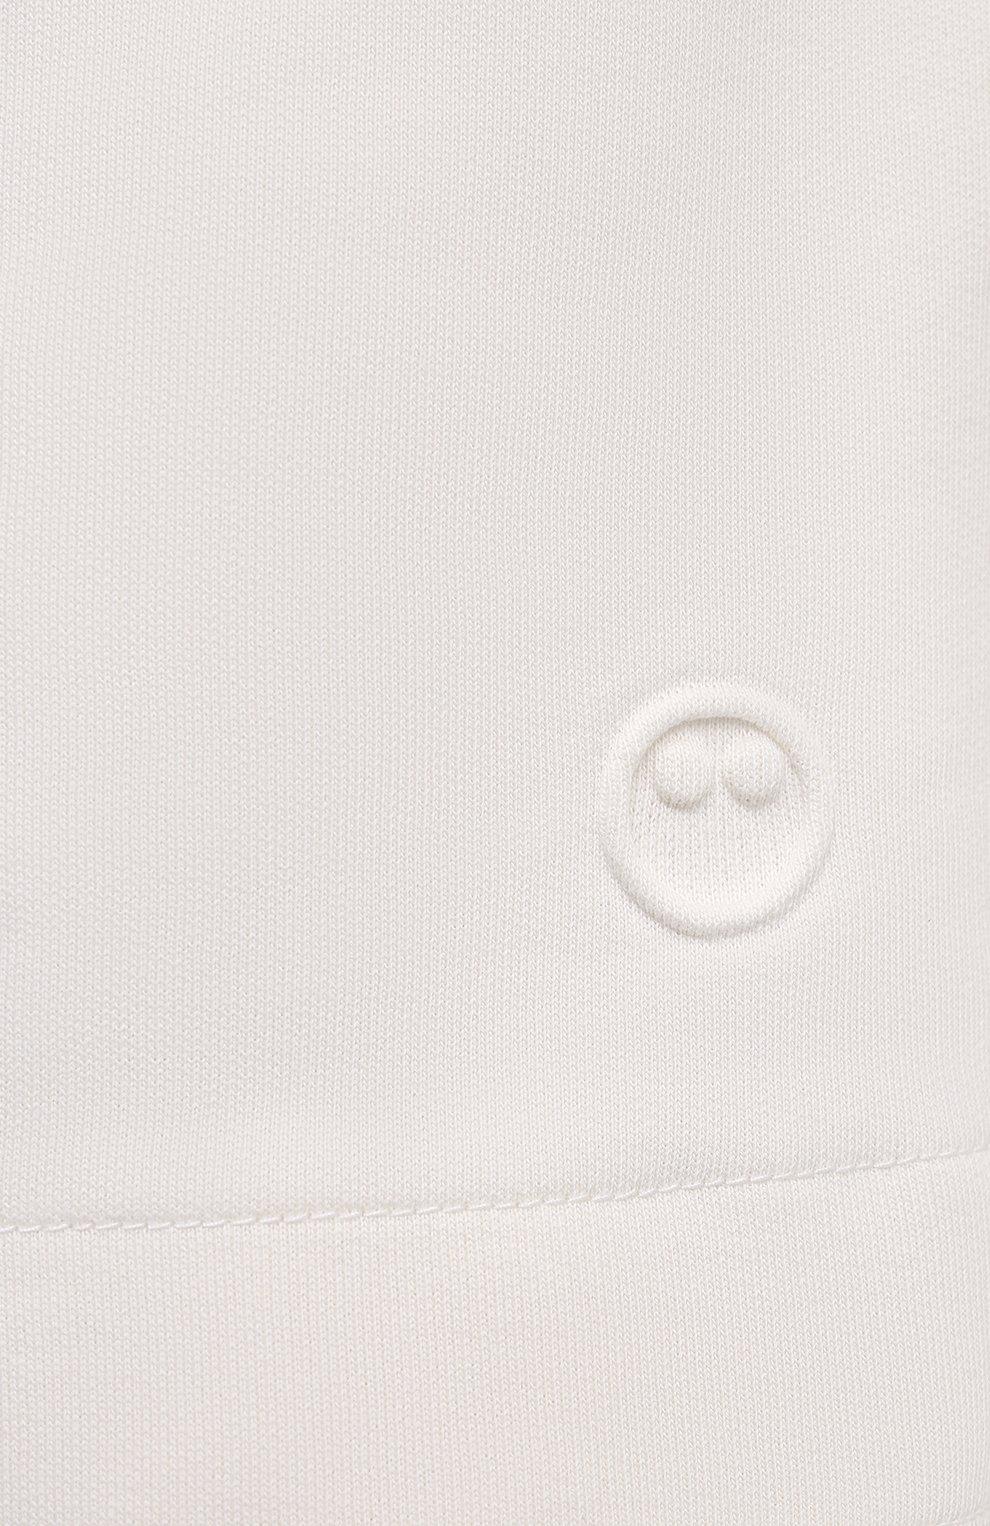 Женские хлопковые шорты AZ FACTORY белого цвета, арт. SH0004/0C1 | Фото 5 (Женское Кросс-КТ: Шорты-одежда; Длина Ж (юбки, платья, шорты): Мини; Кросс-КТ: Трикотаж; Материал внешний: Хлопок; Стили: Спорт-шик)